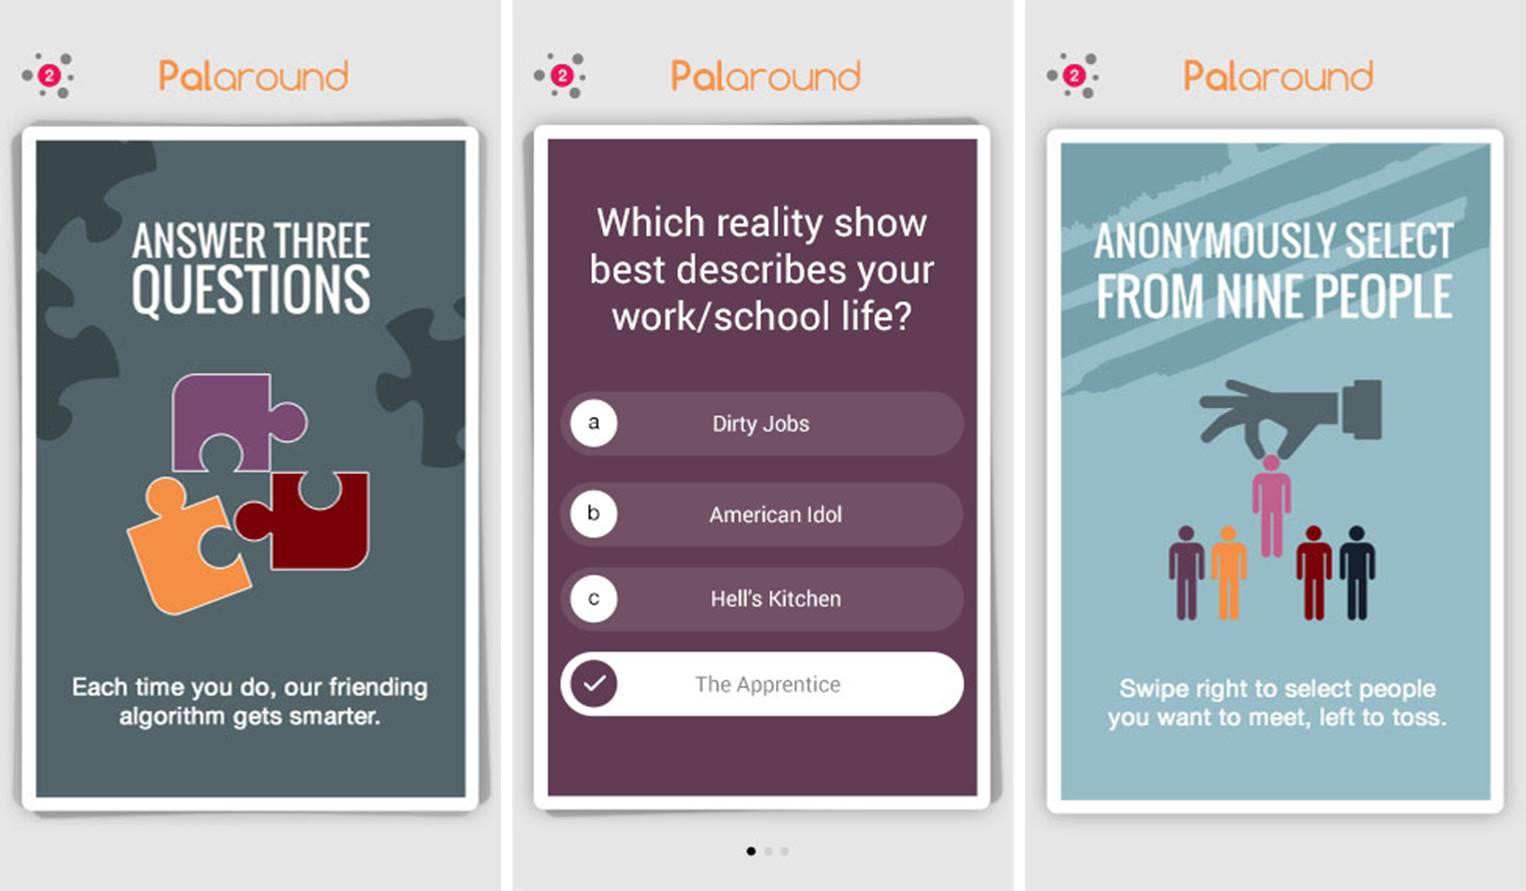 PalAround screenshots